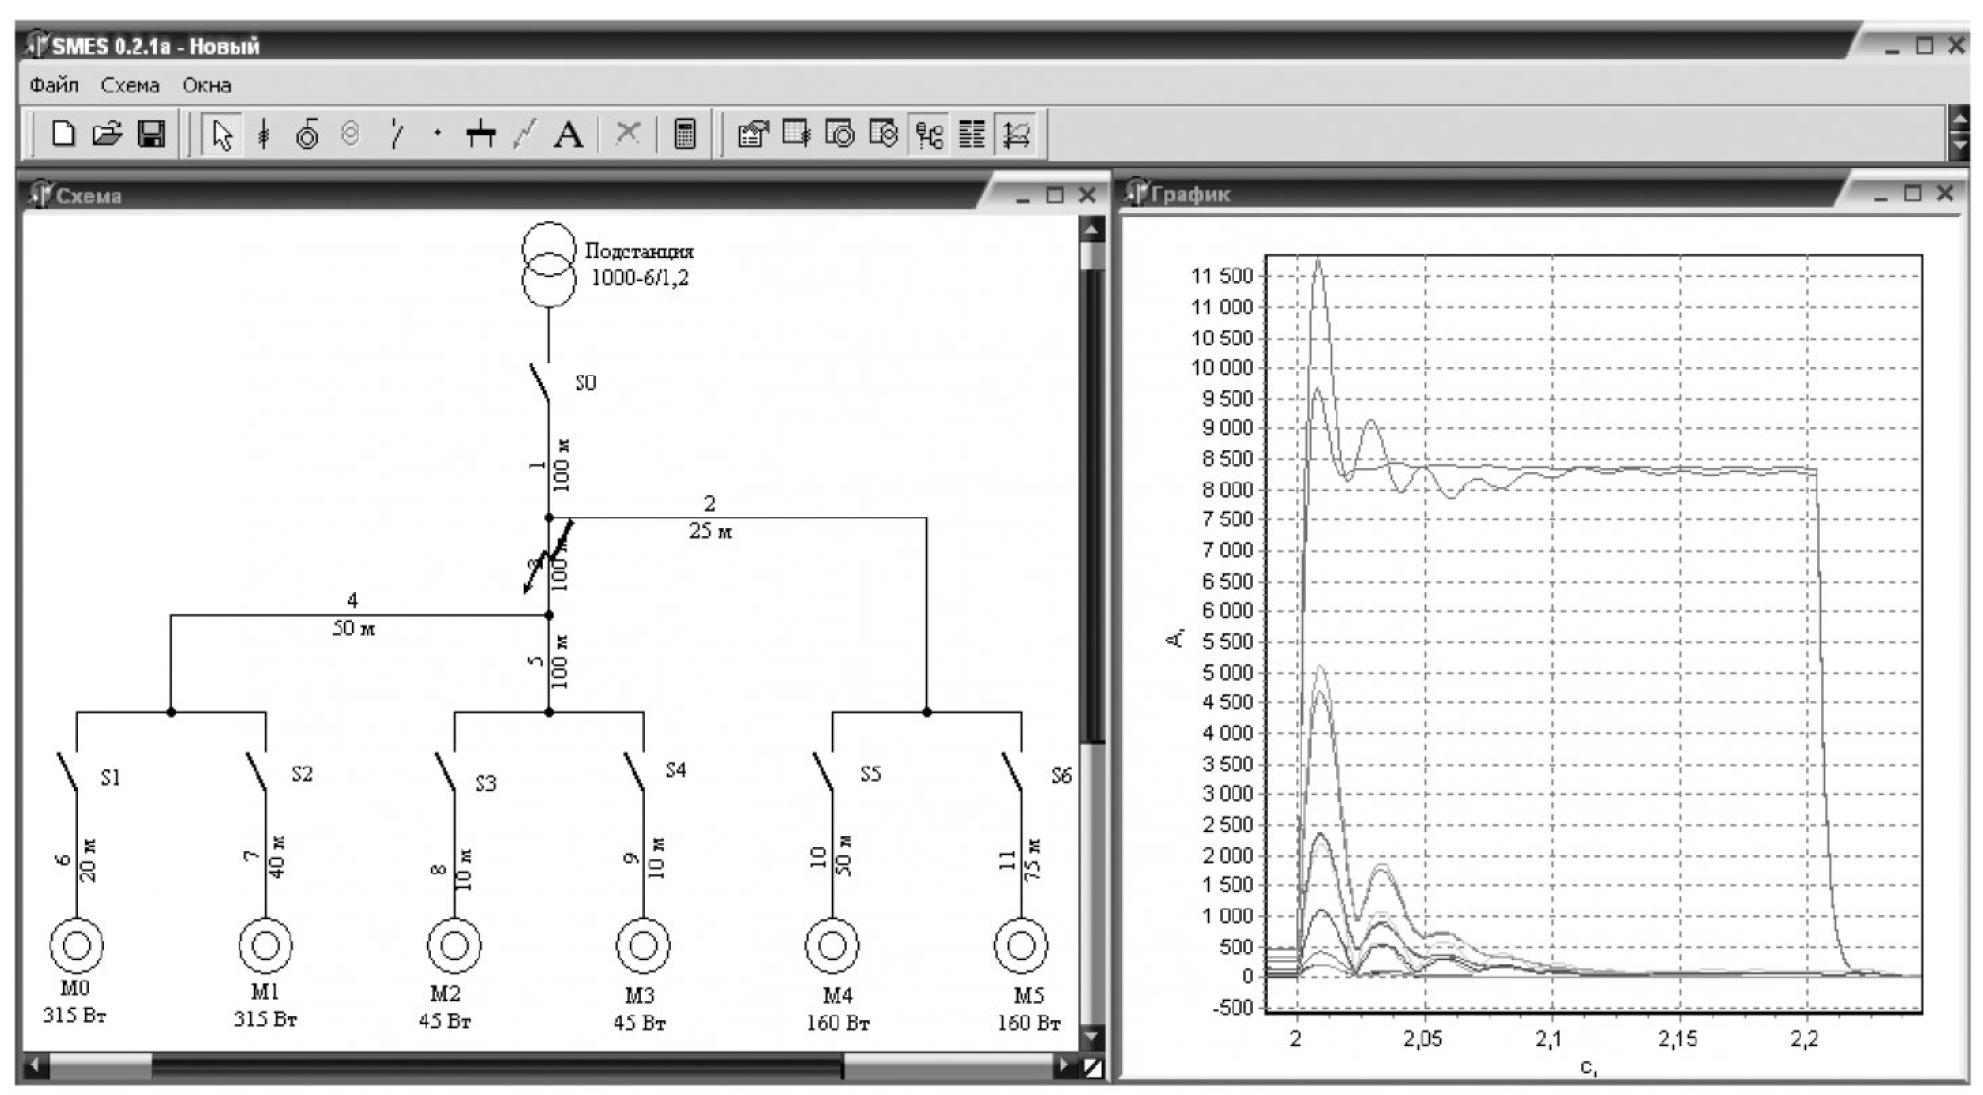 Снижение рисков возникновения короткого замыкания на этапе проектирования систем электроснабжения горных машин 40